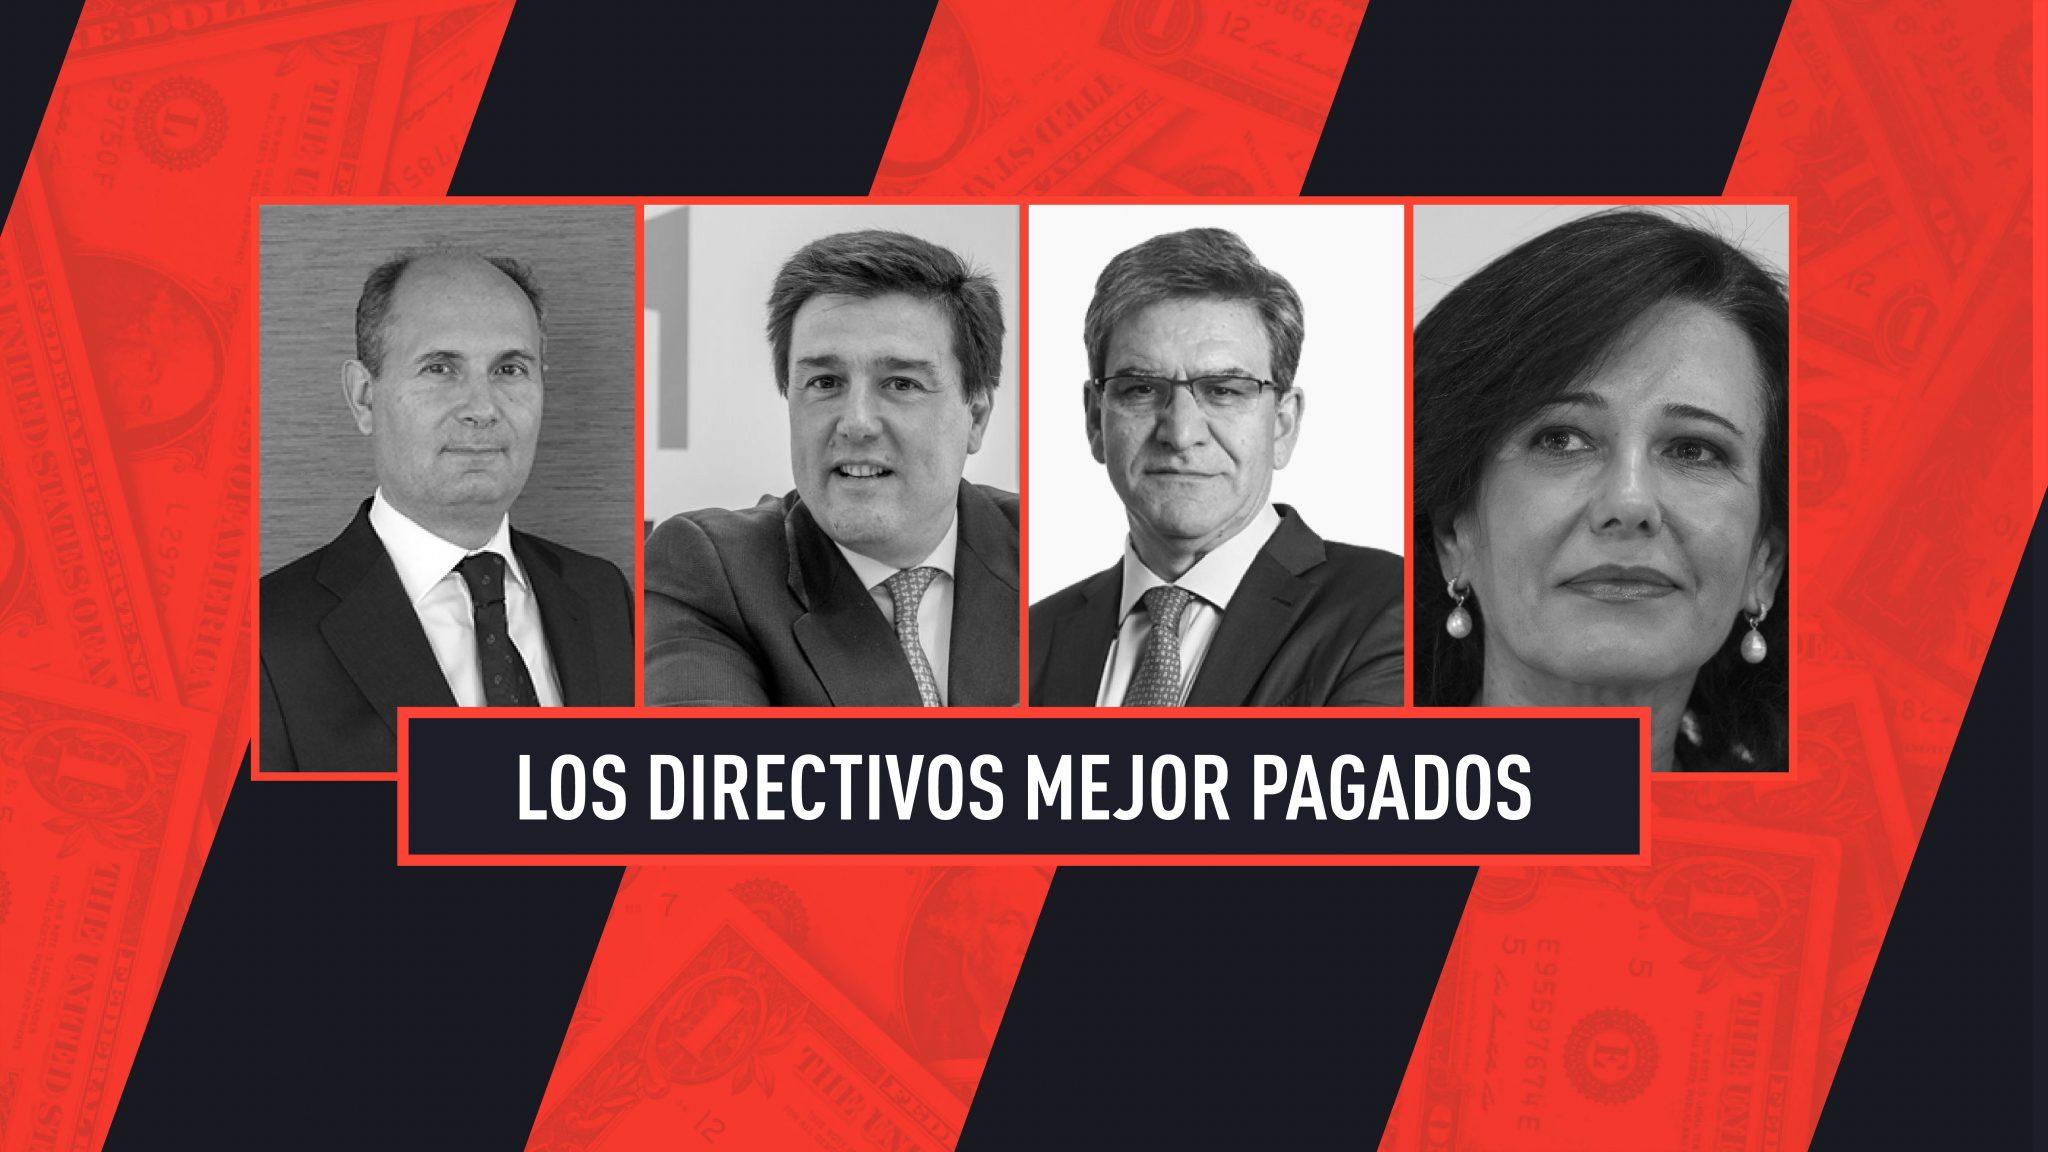 Los ejecutivos mejor pagados 2020 portada